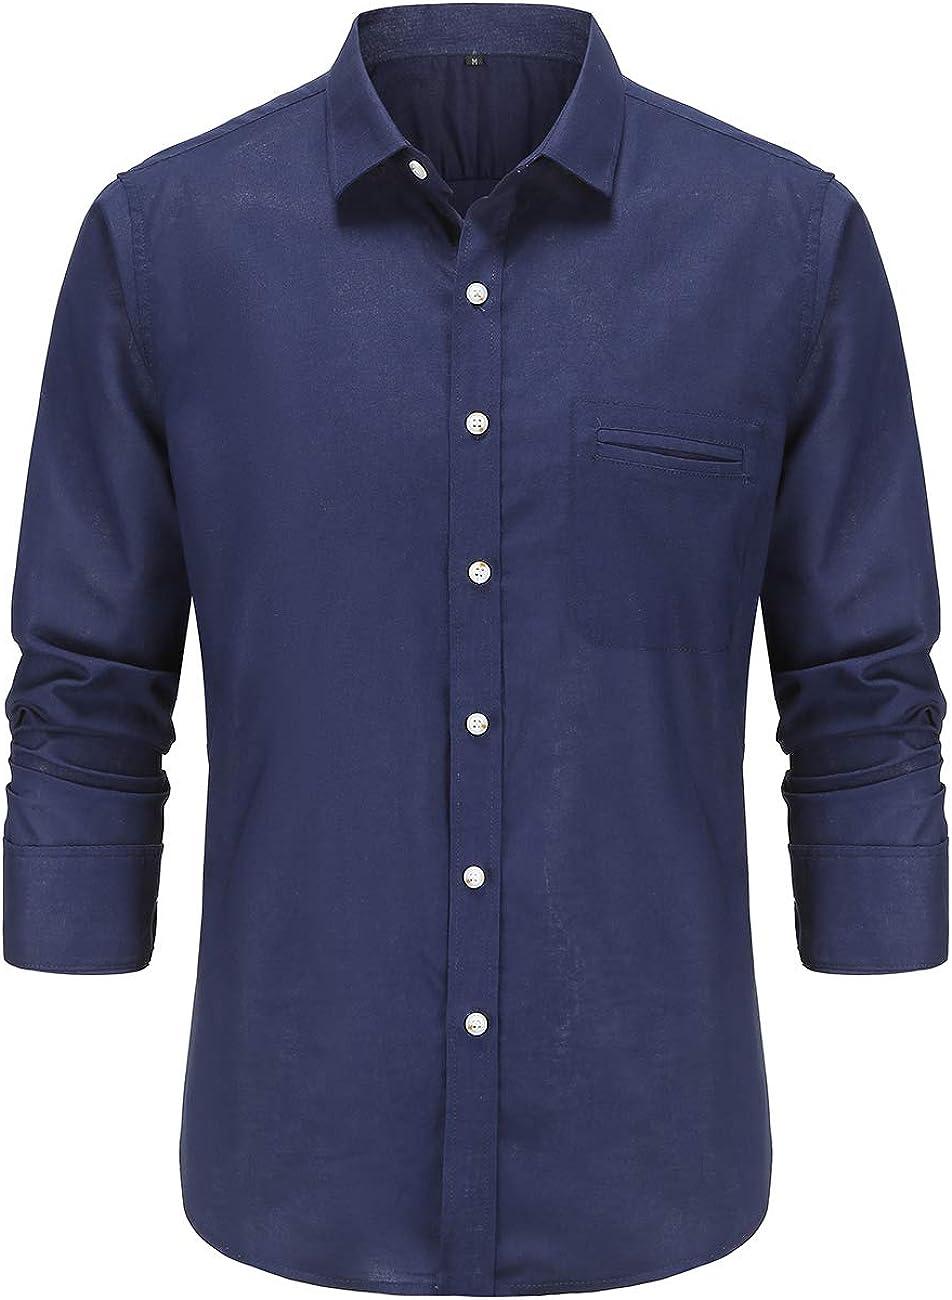 Dioufond Linen Shirts for Men Long Sleeve Camisas de Hombre Lino